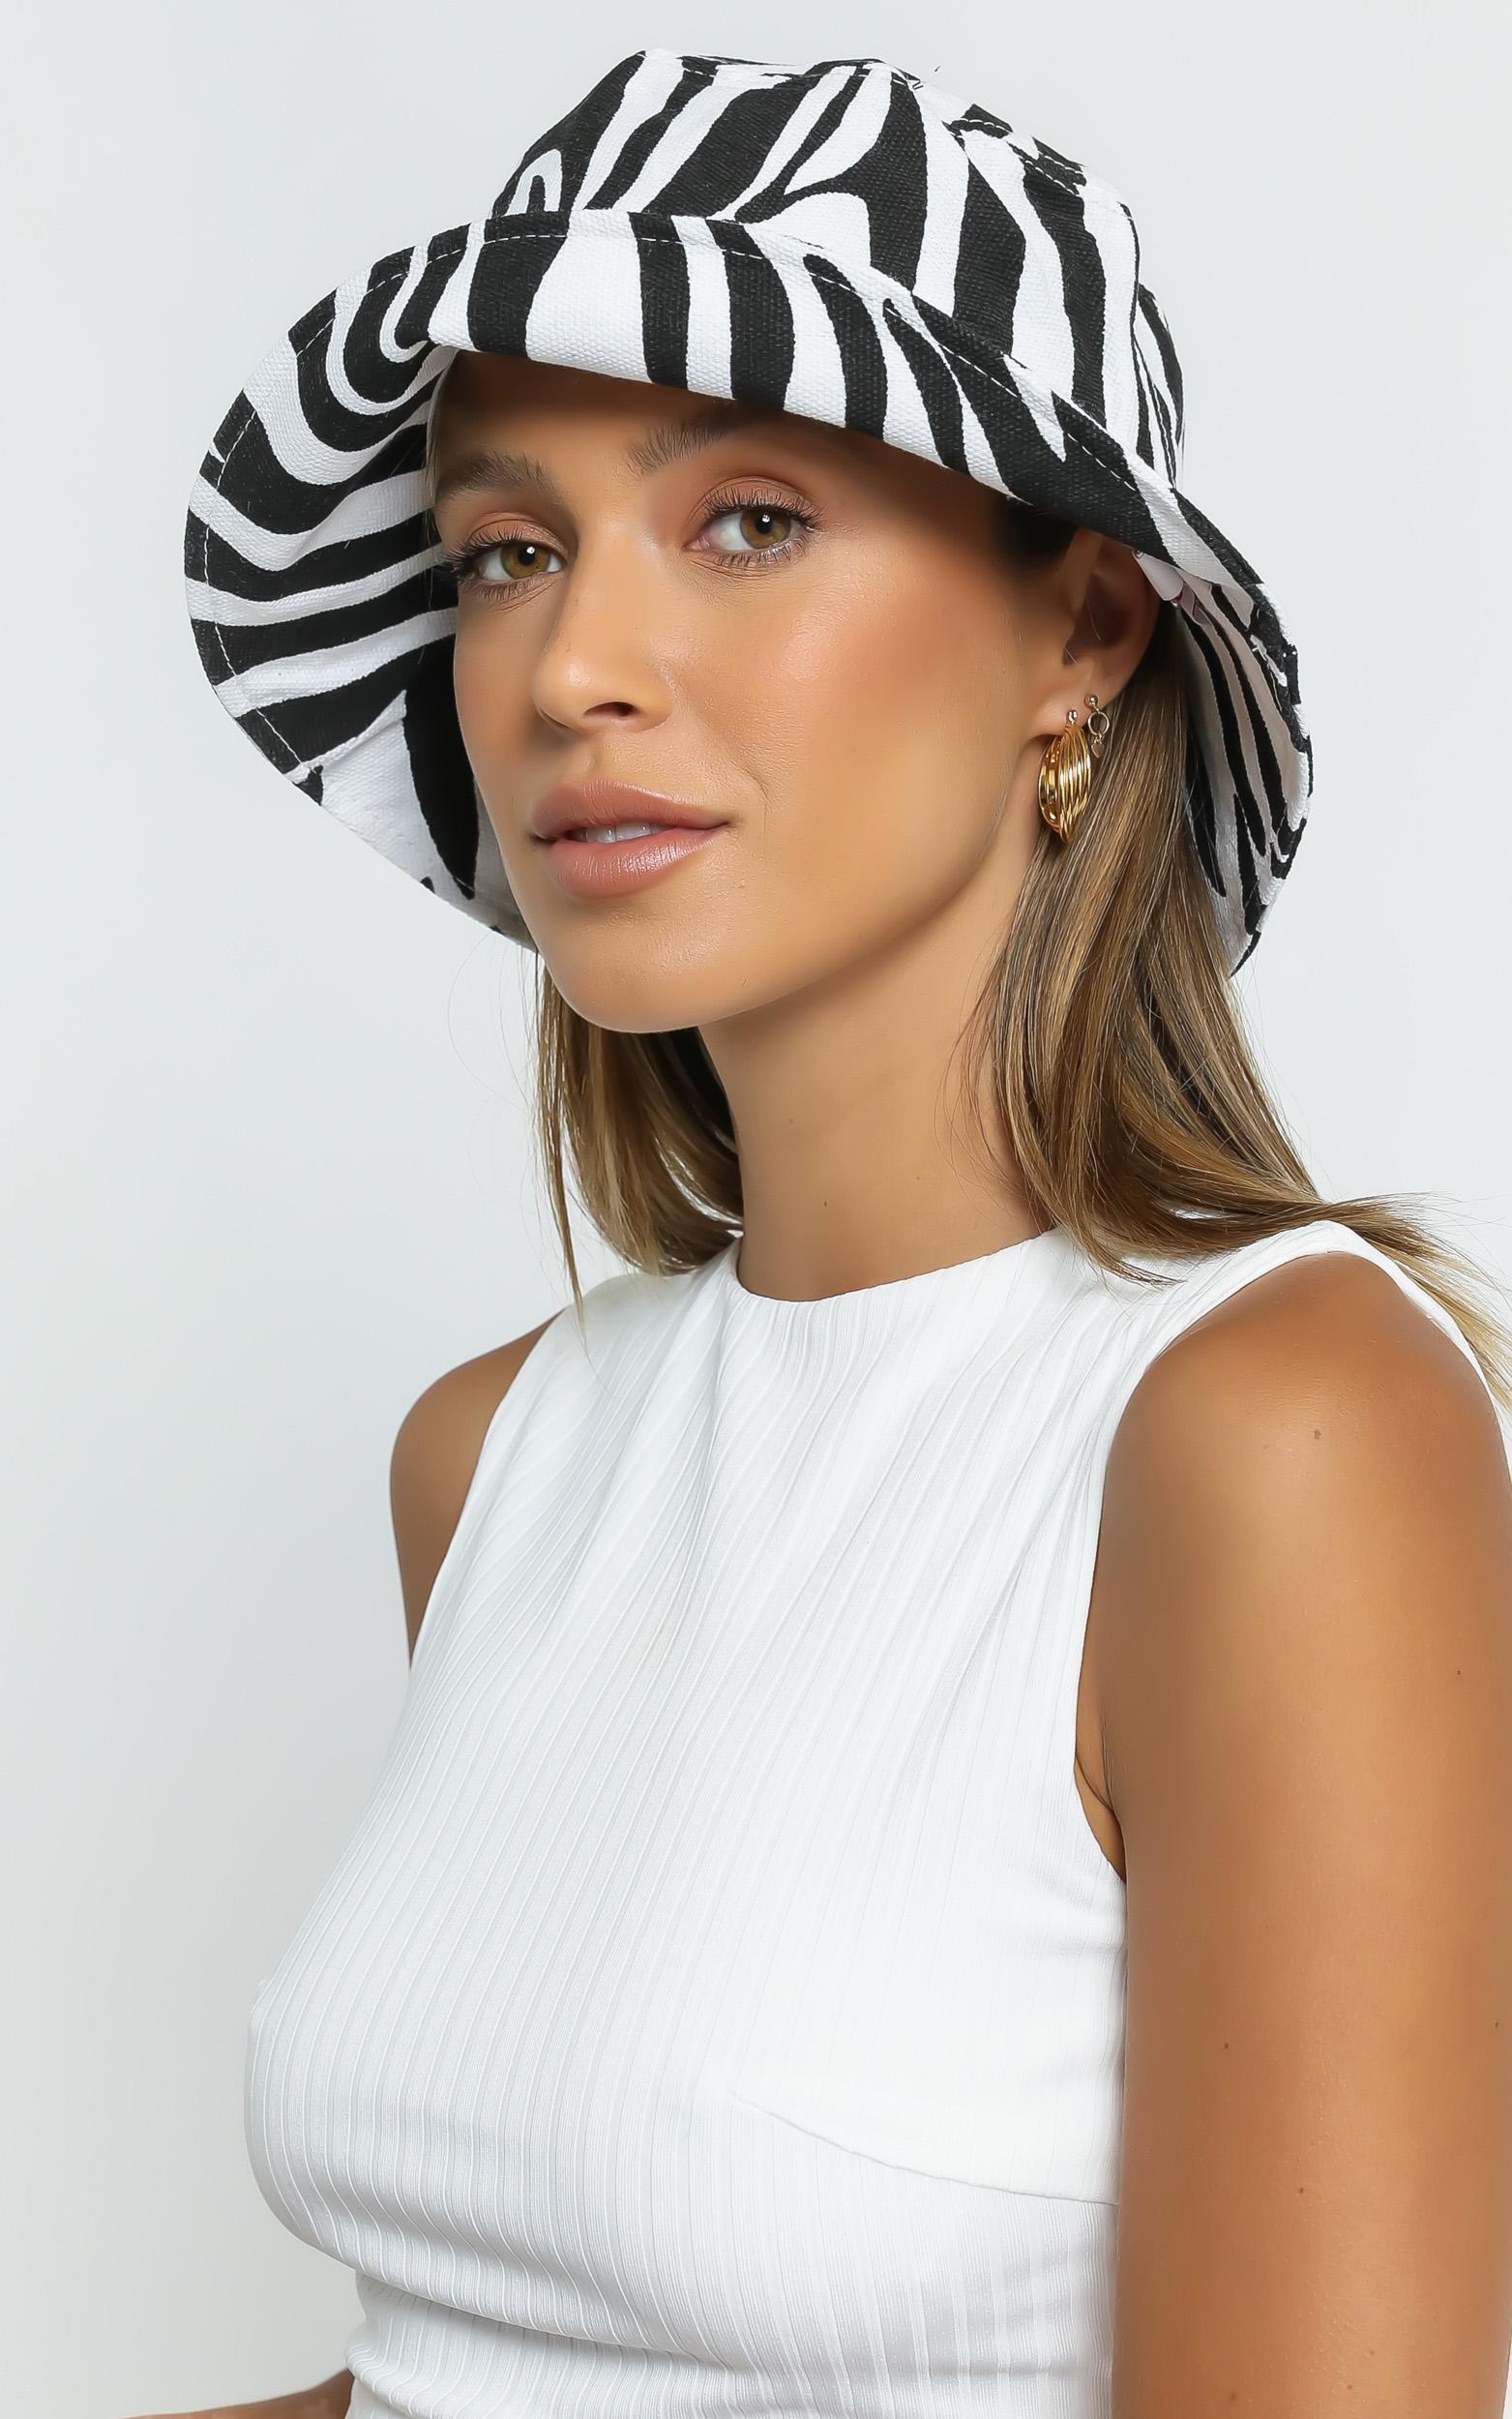 Lefki Hat in Zebra Print, , hi-res image number null